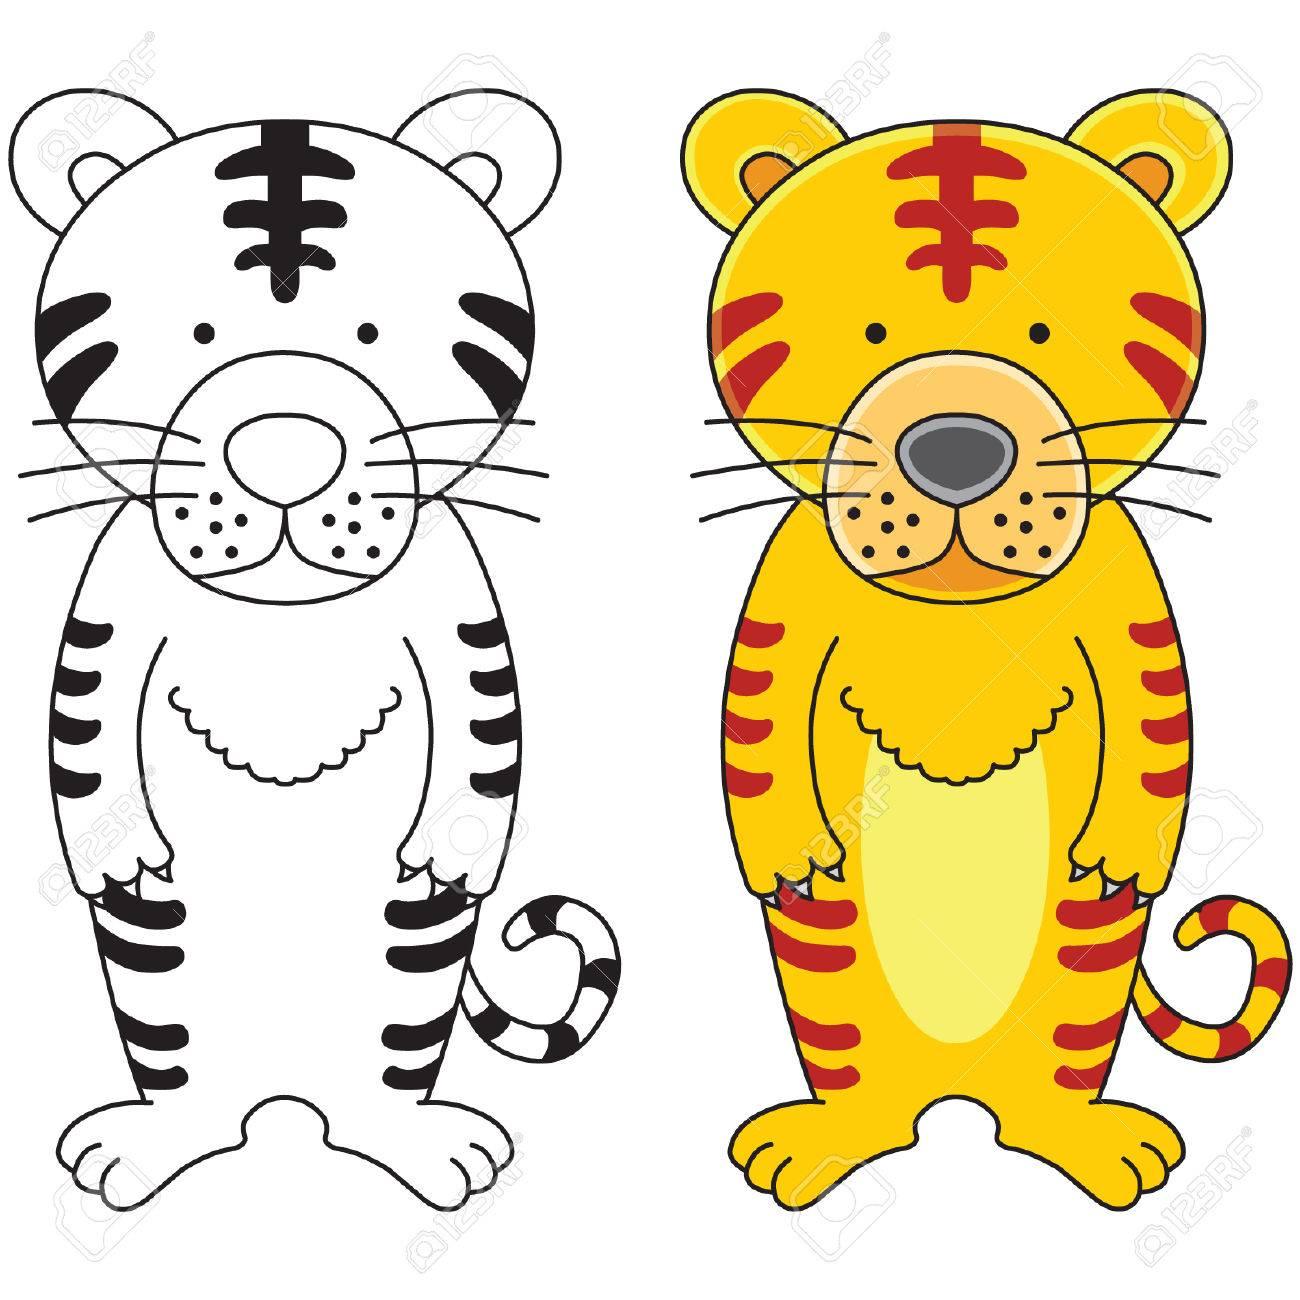 A cute tiger cartoon illustration. Stock Vector - 5933798